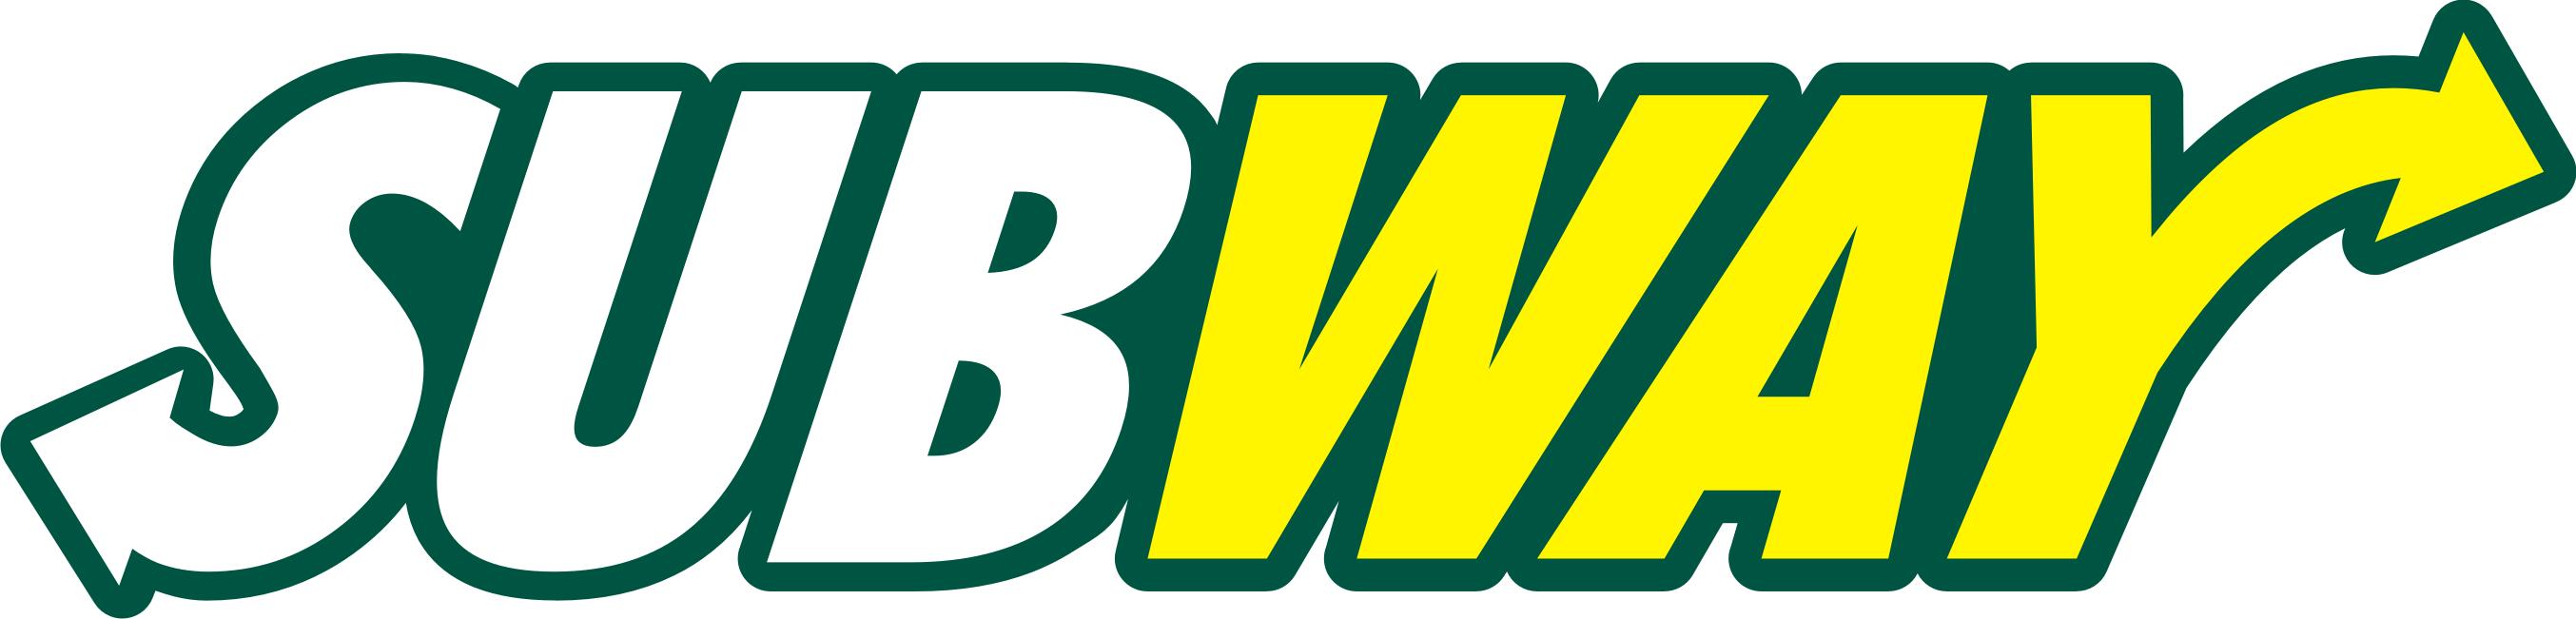 Subway Png Logo.